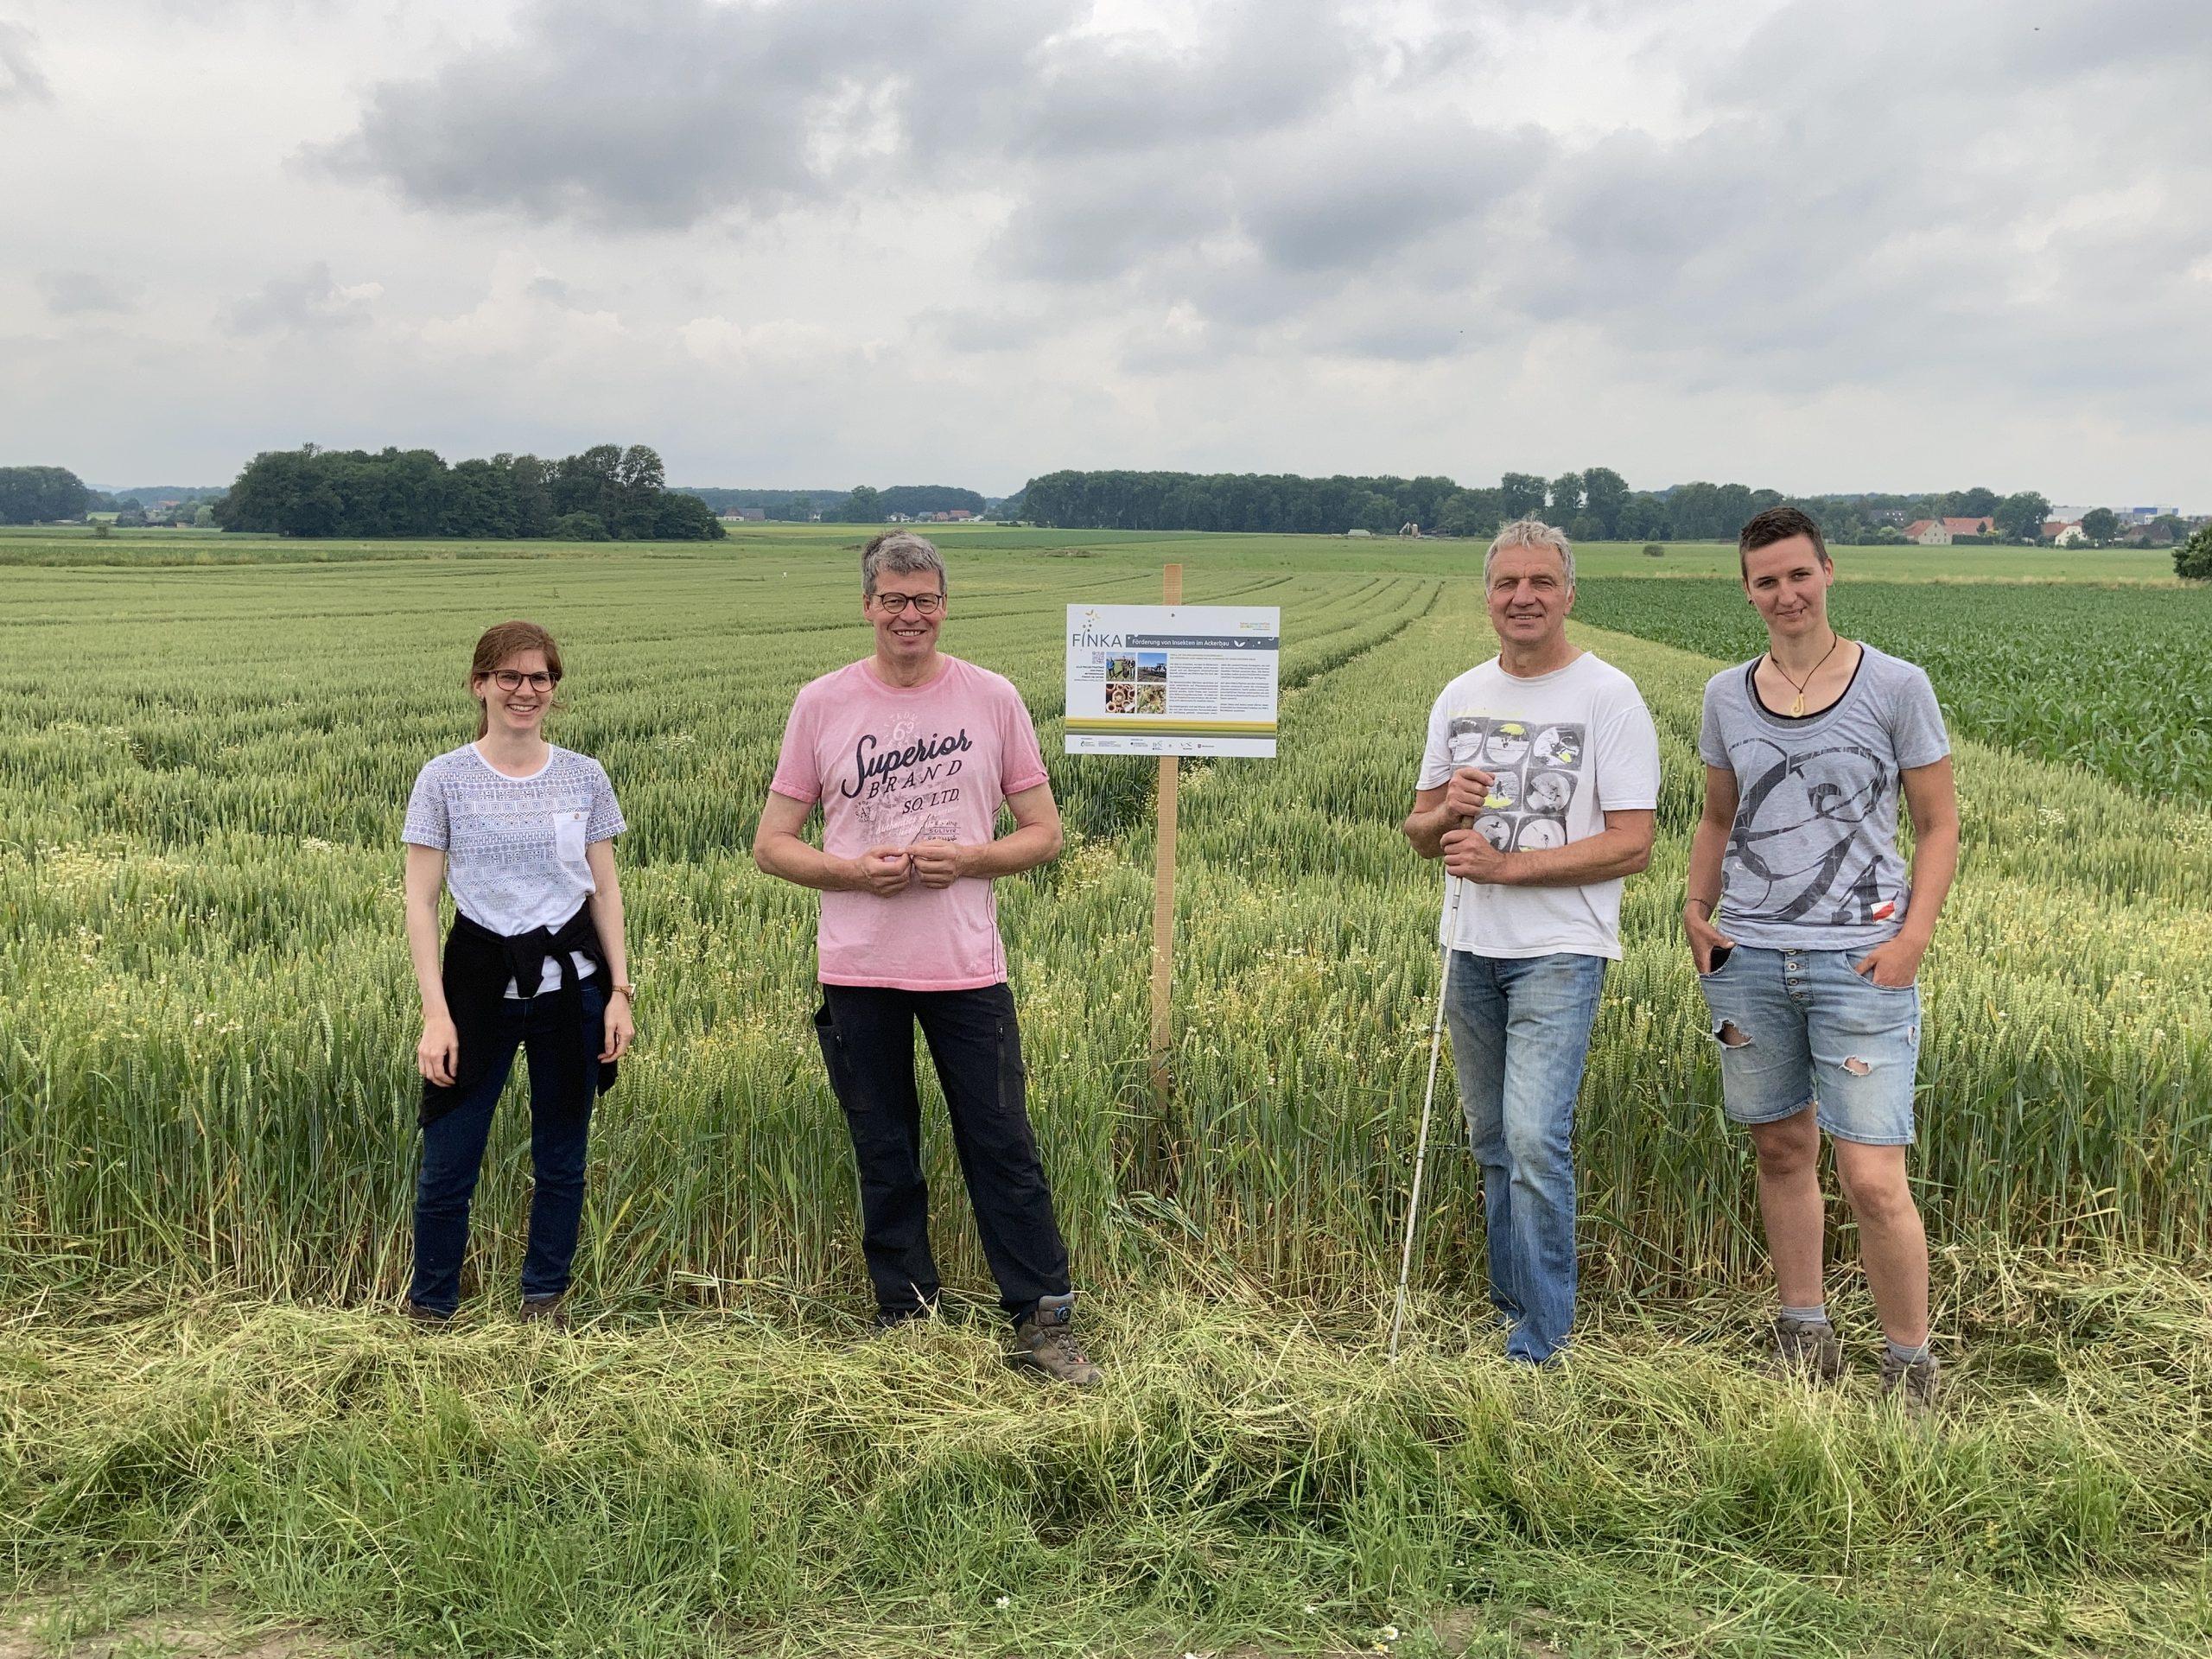 FINKA-Feldtag bei Jürgen Sixtus, (v.l.n.r.) Vera Kühlmann, Jürgen Sixtus, Werner und Jessica Meierfrankenfeld, Foto: Landvolk Niedersachsen